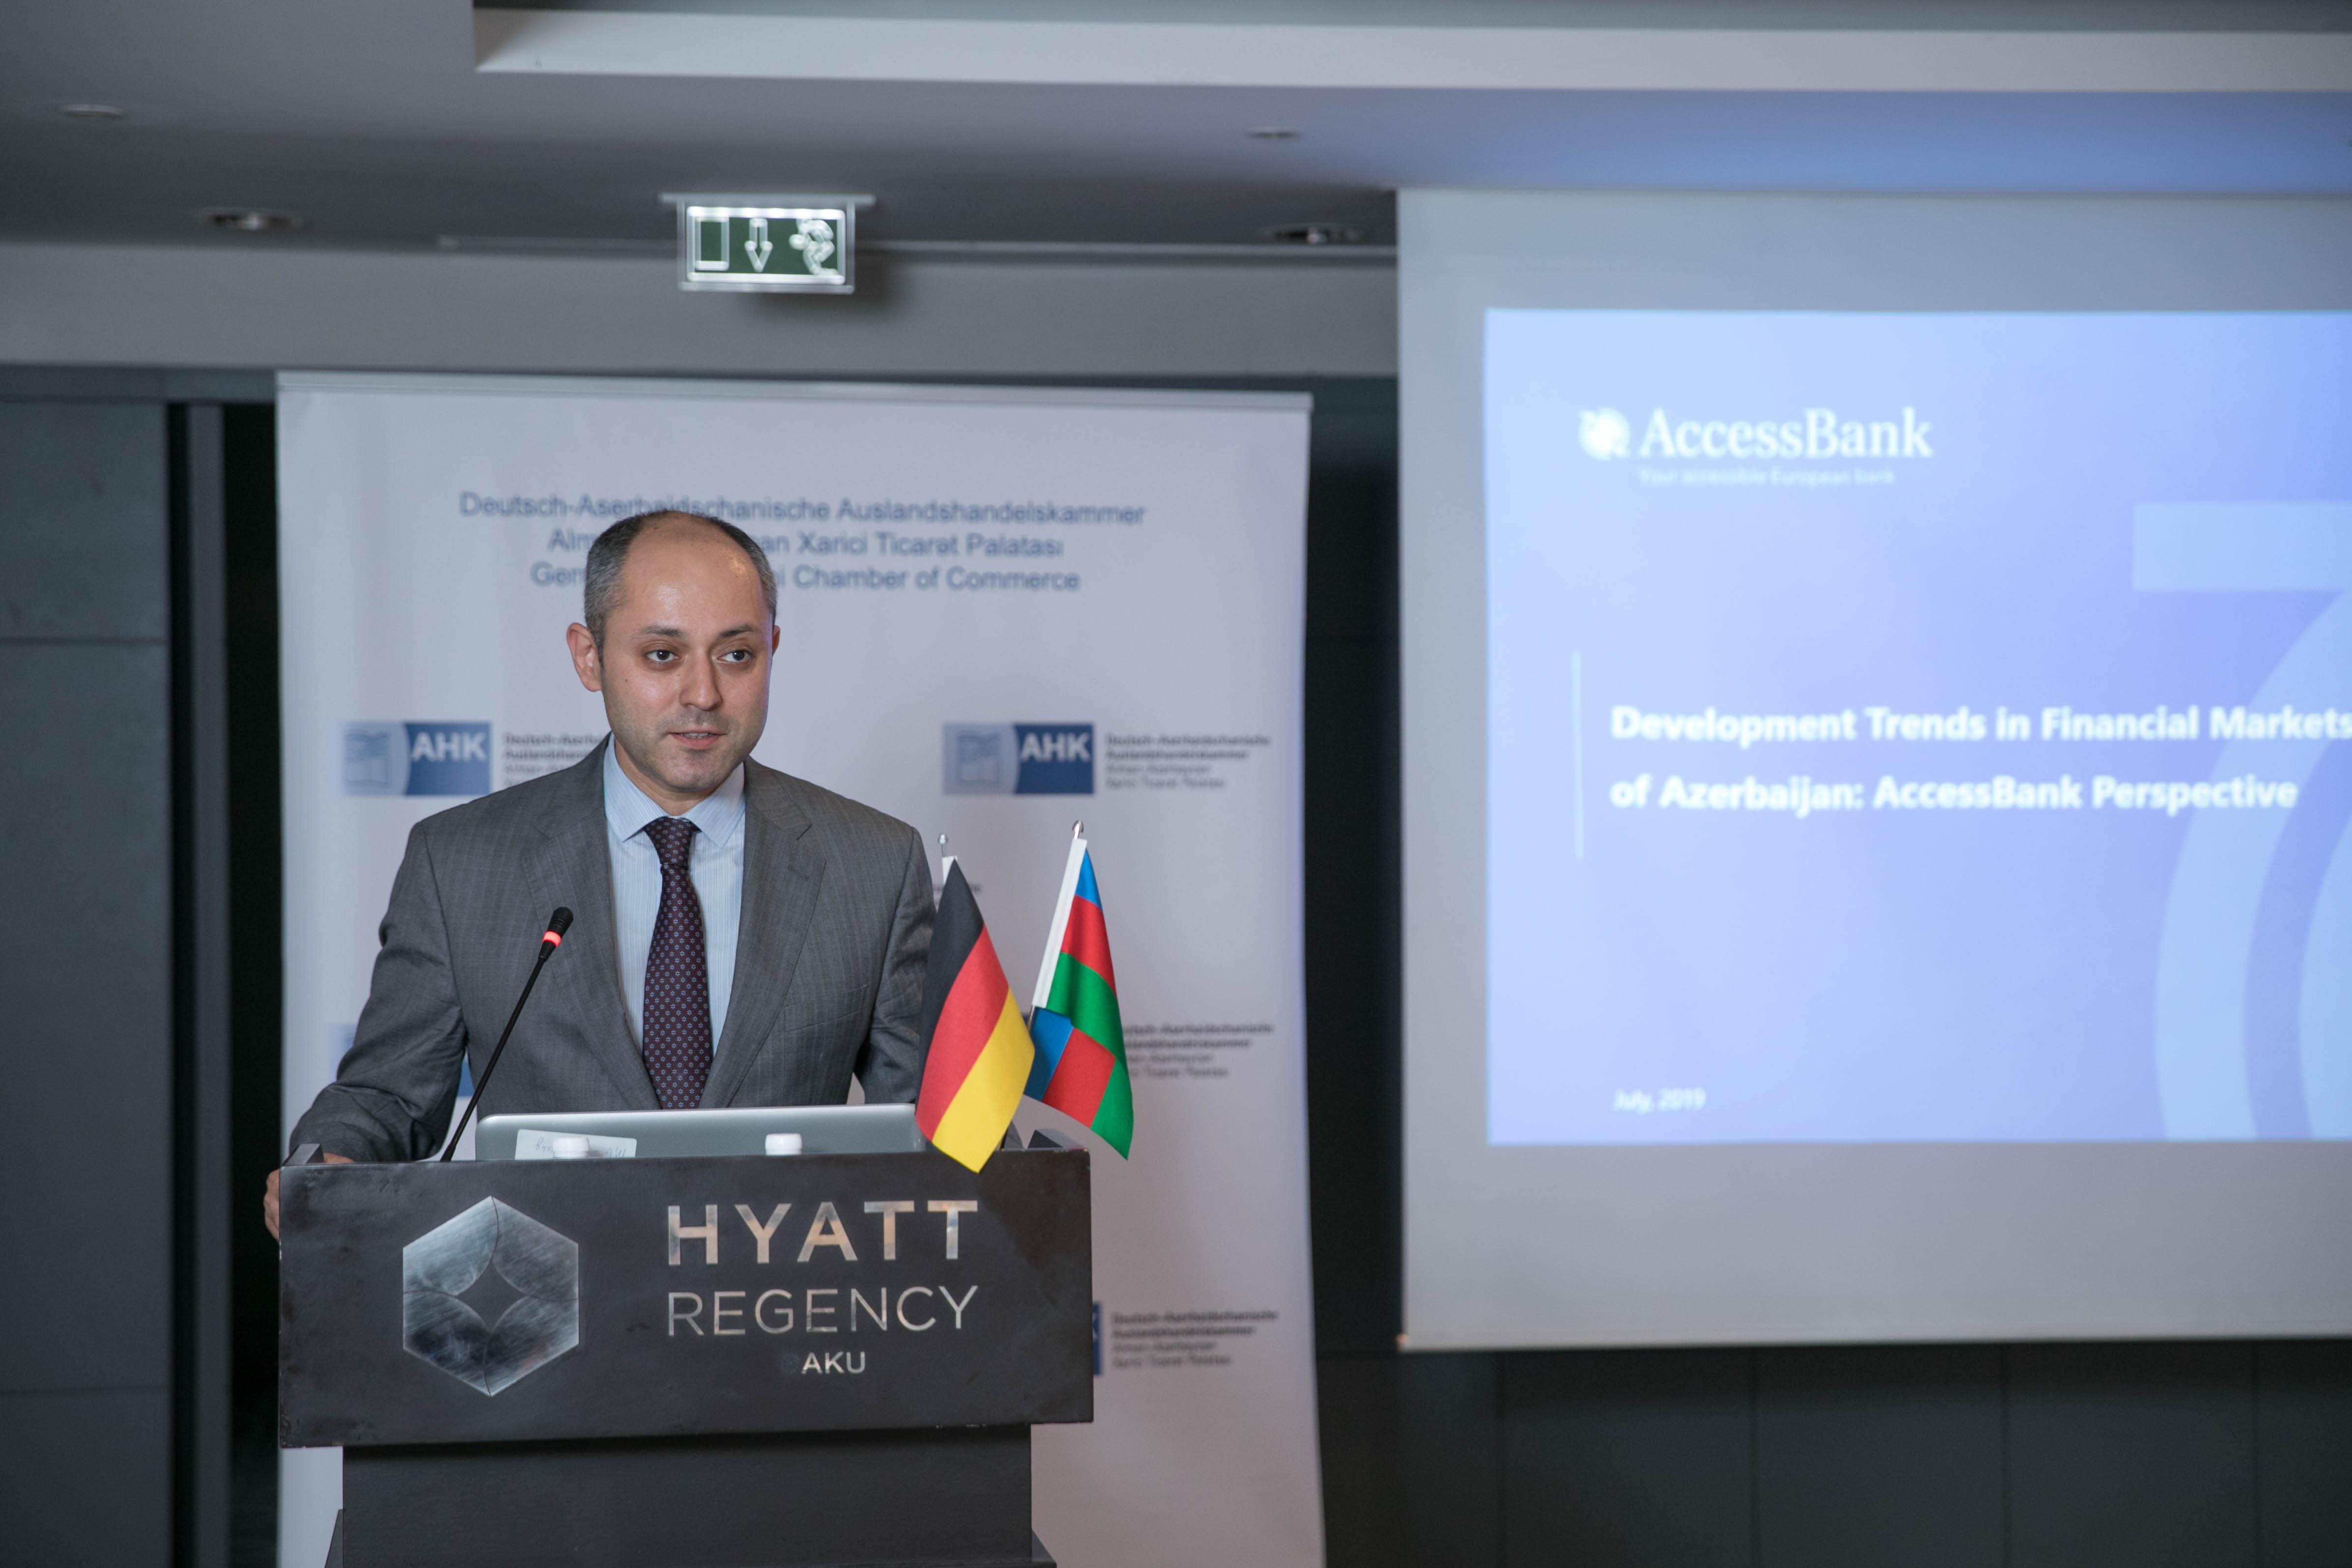 Анар Гасанов: AccessBank сохраняет свое лидерство